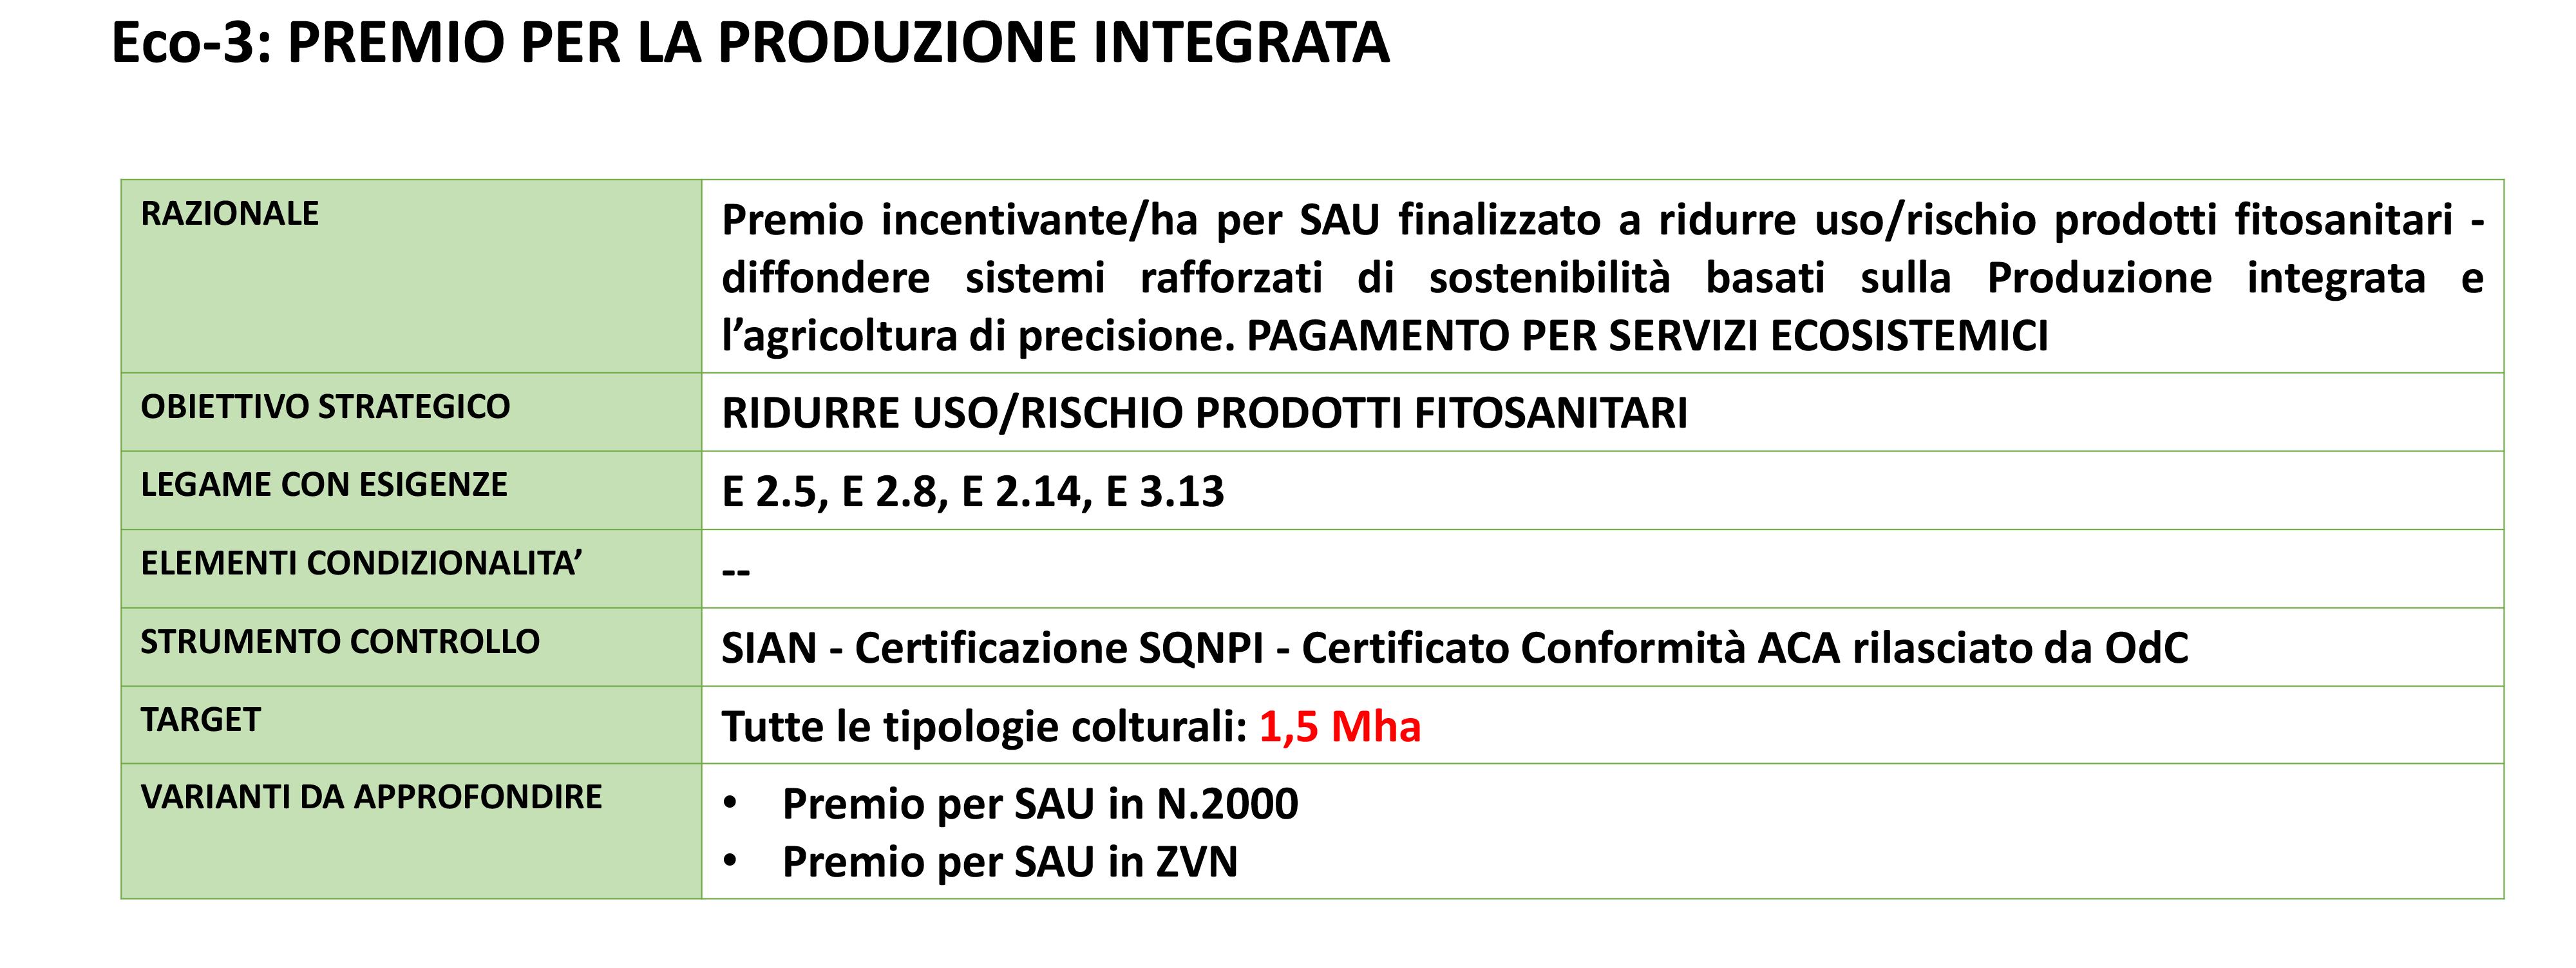 grafico eco-schema3